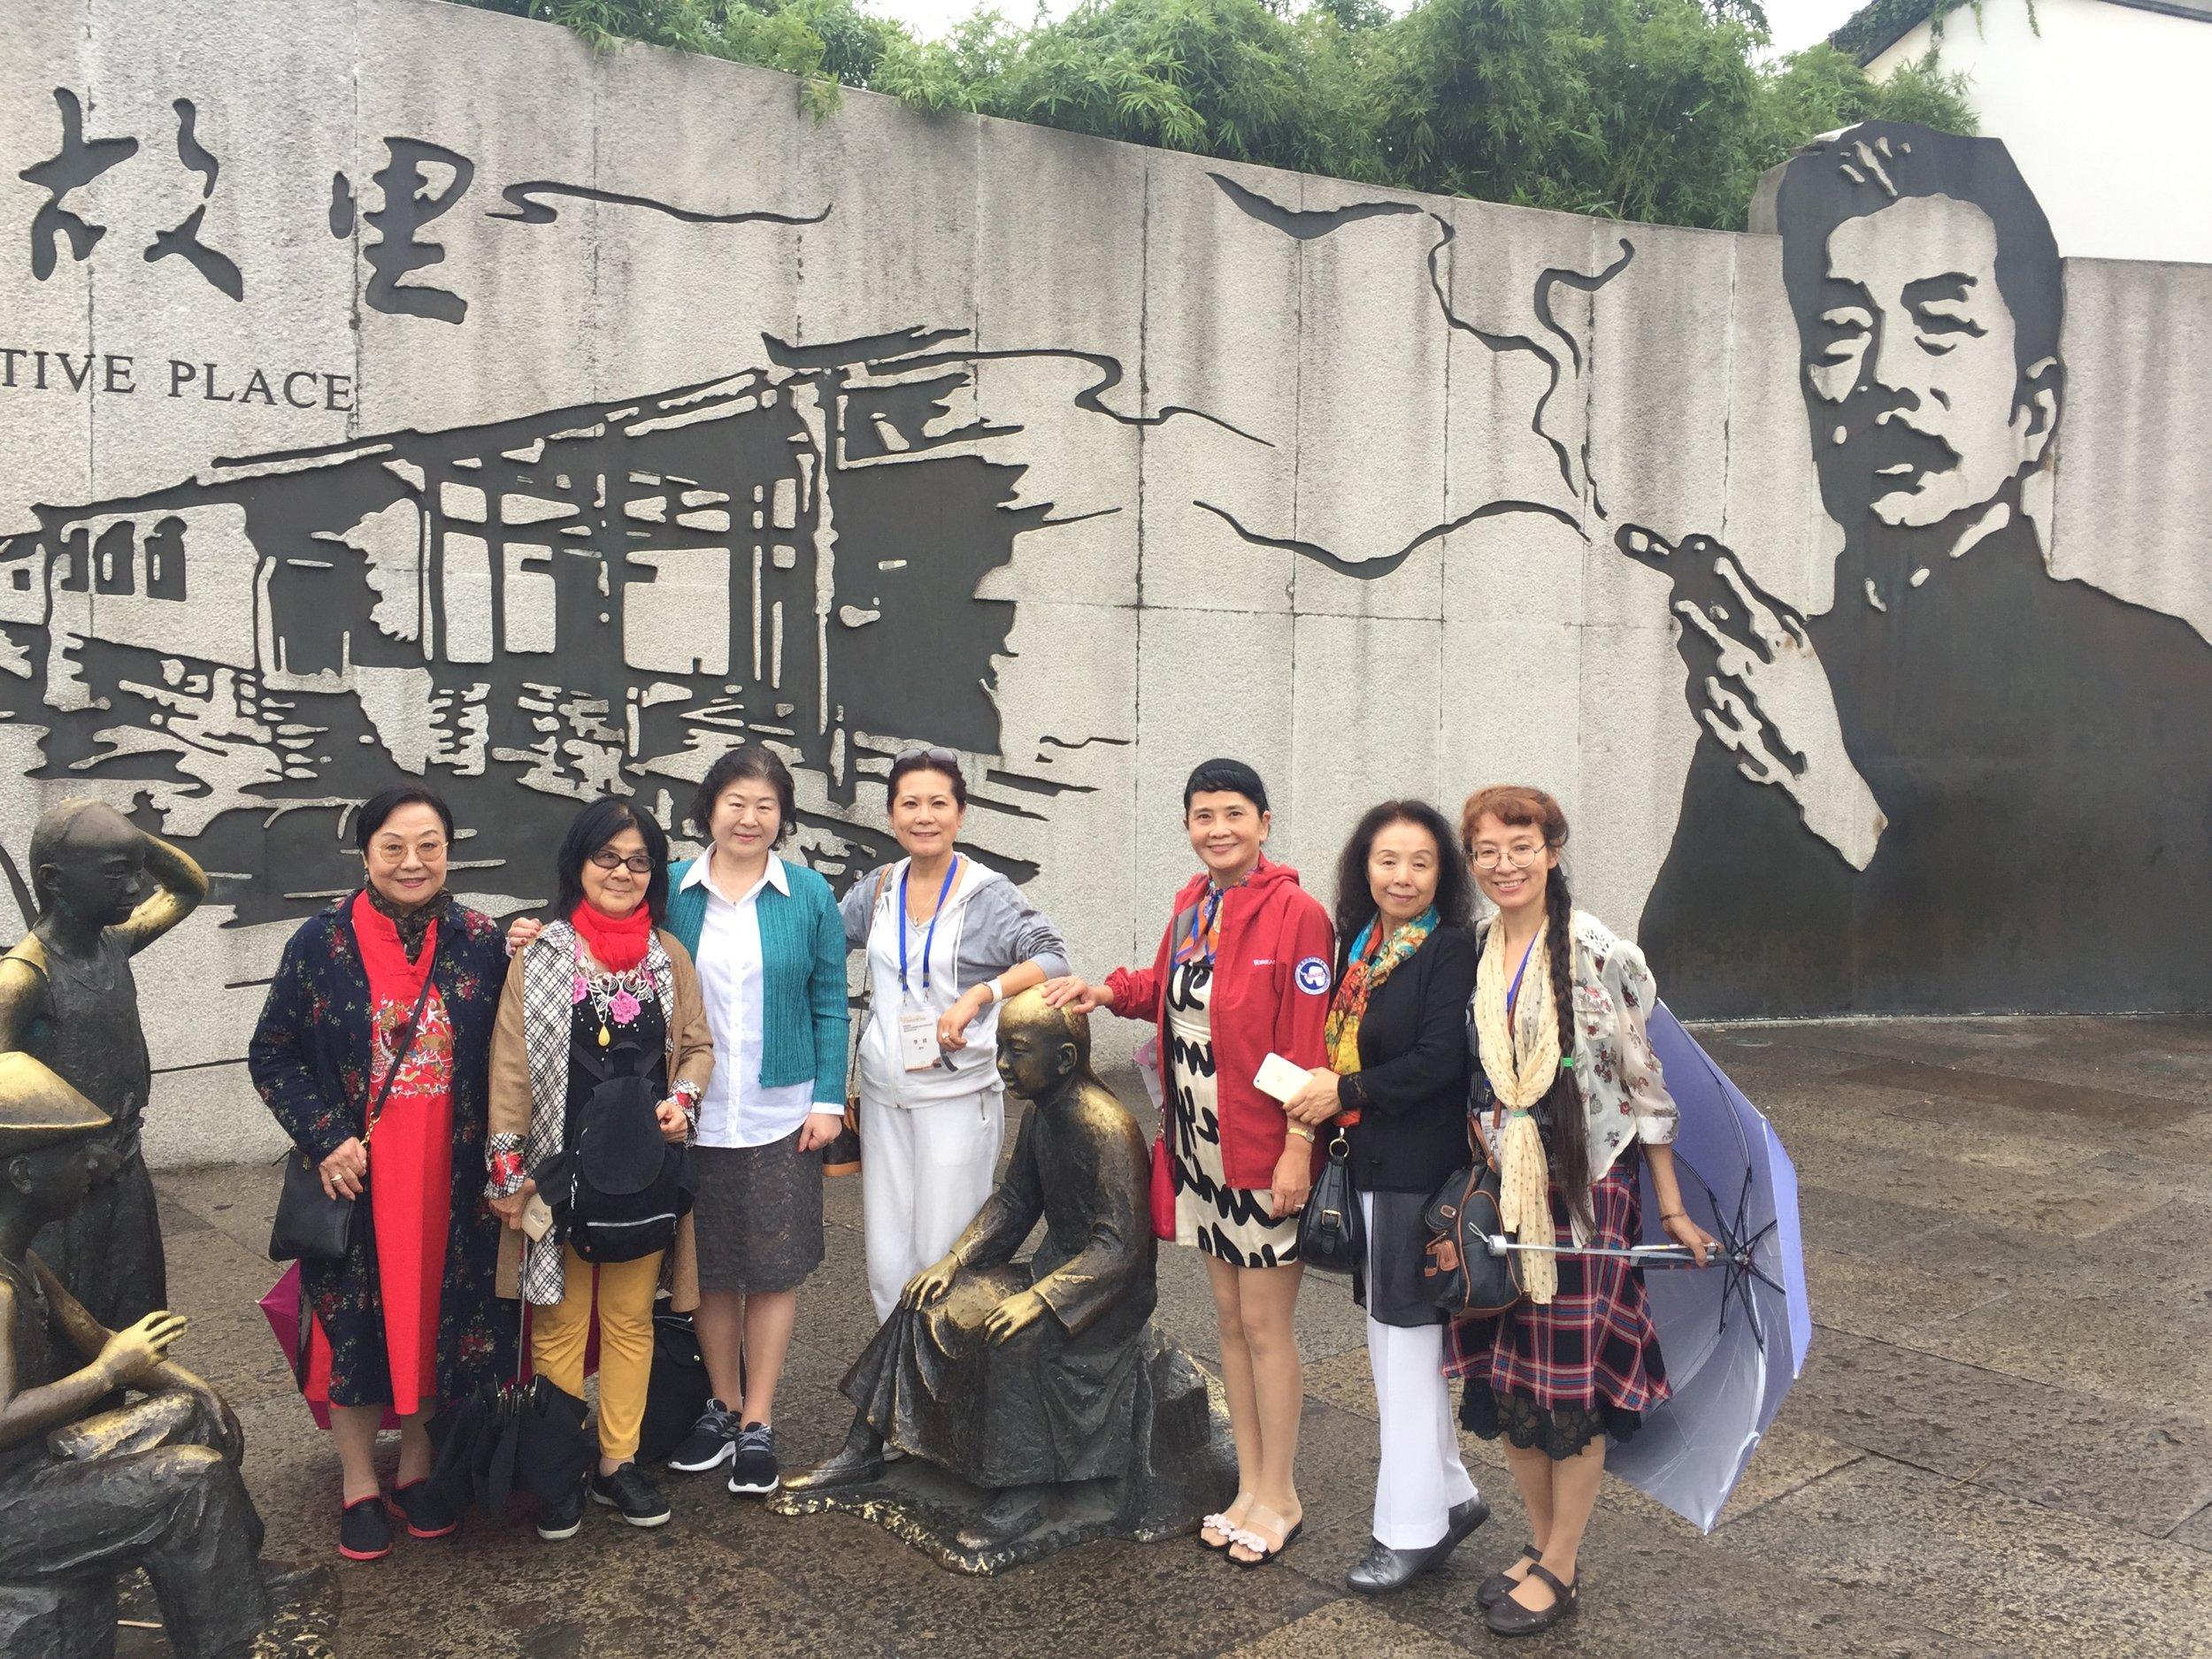 李岘与部分女作家们在参观鲁迅故居。